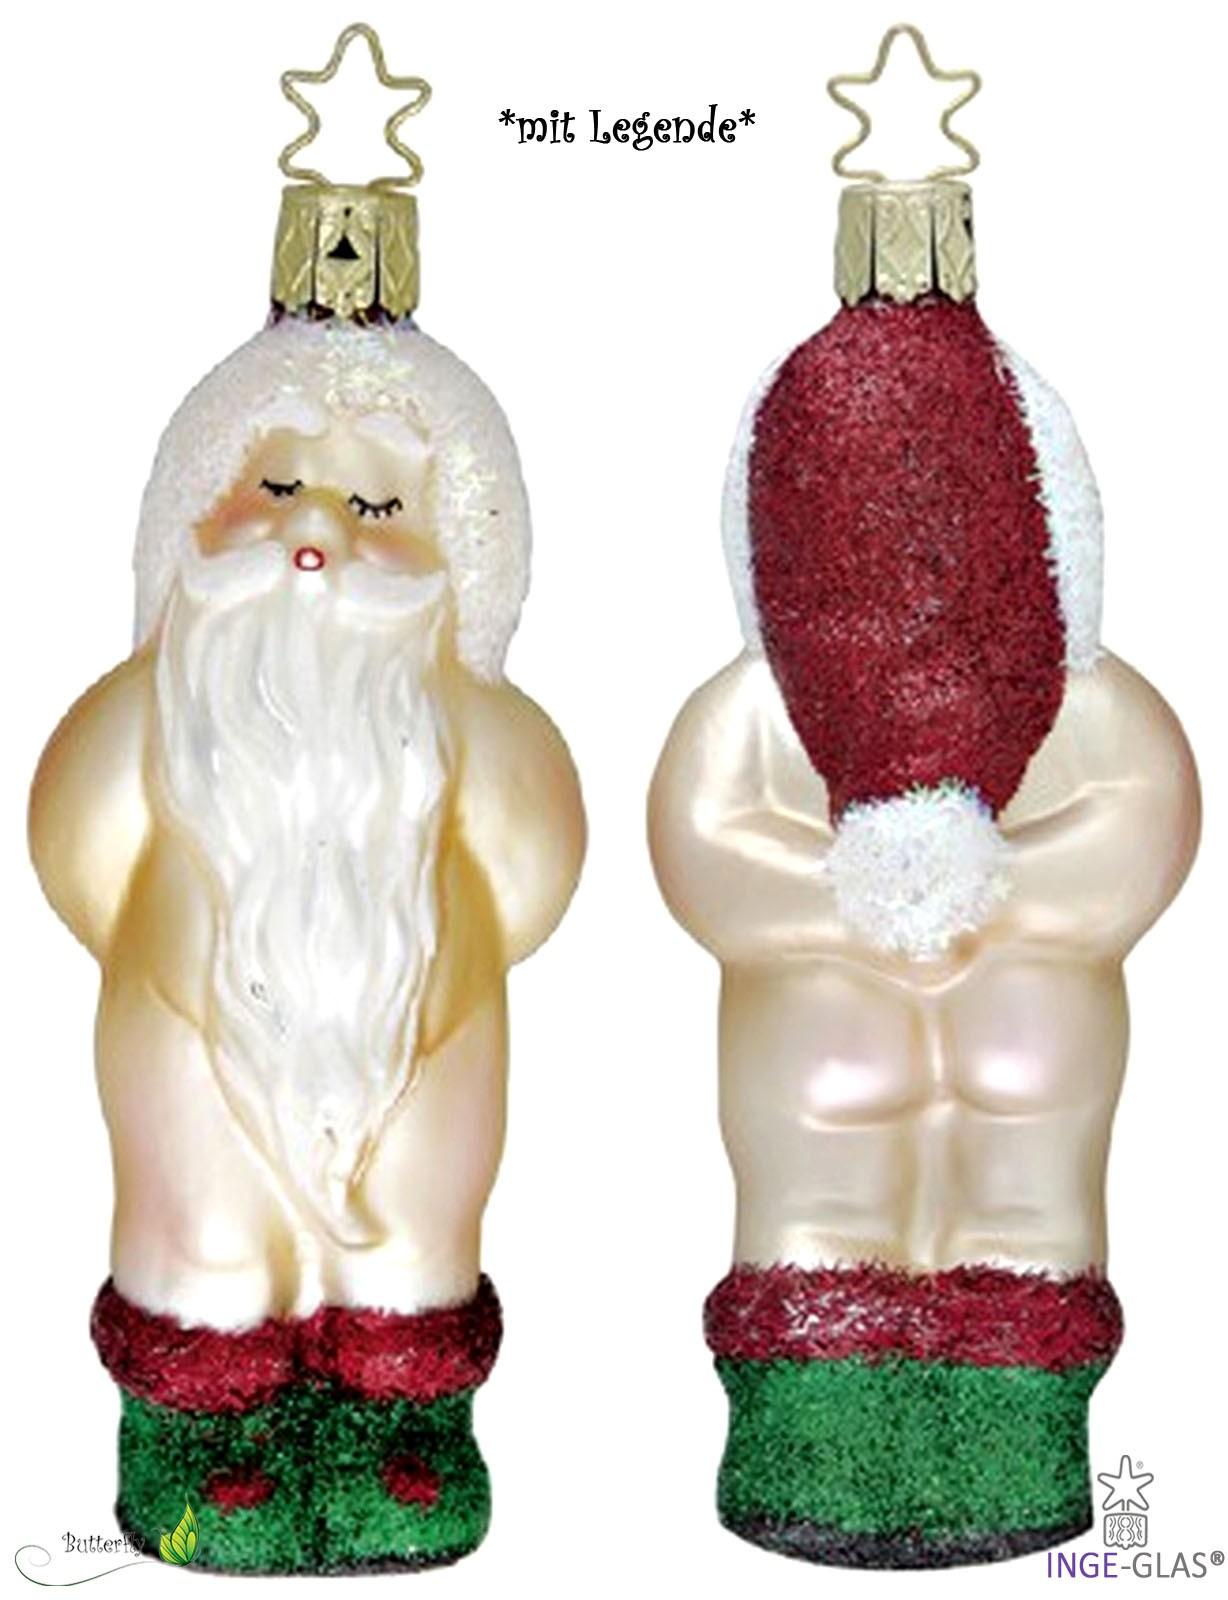 Lustige Weihnachtskugeln.Lustige Figuren Inge Glas Mit Sternkrönchen